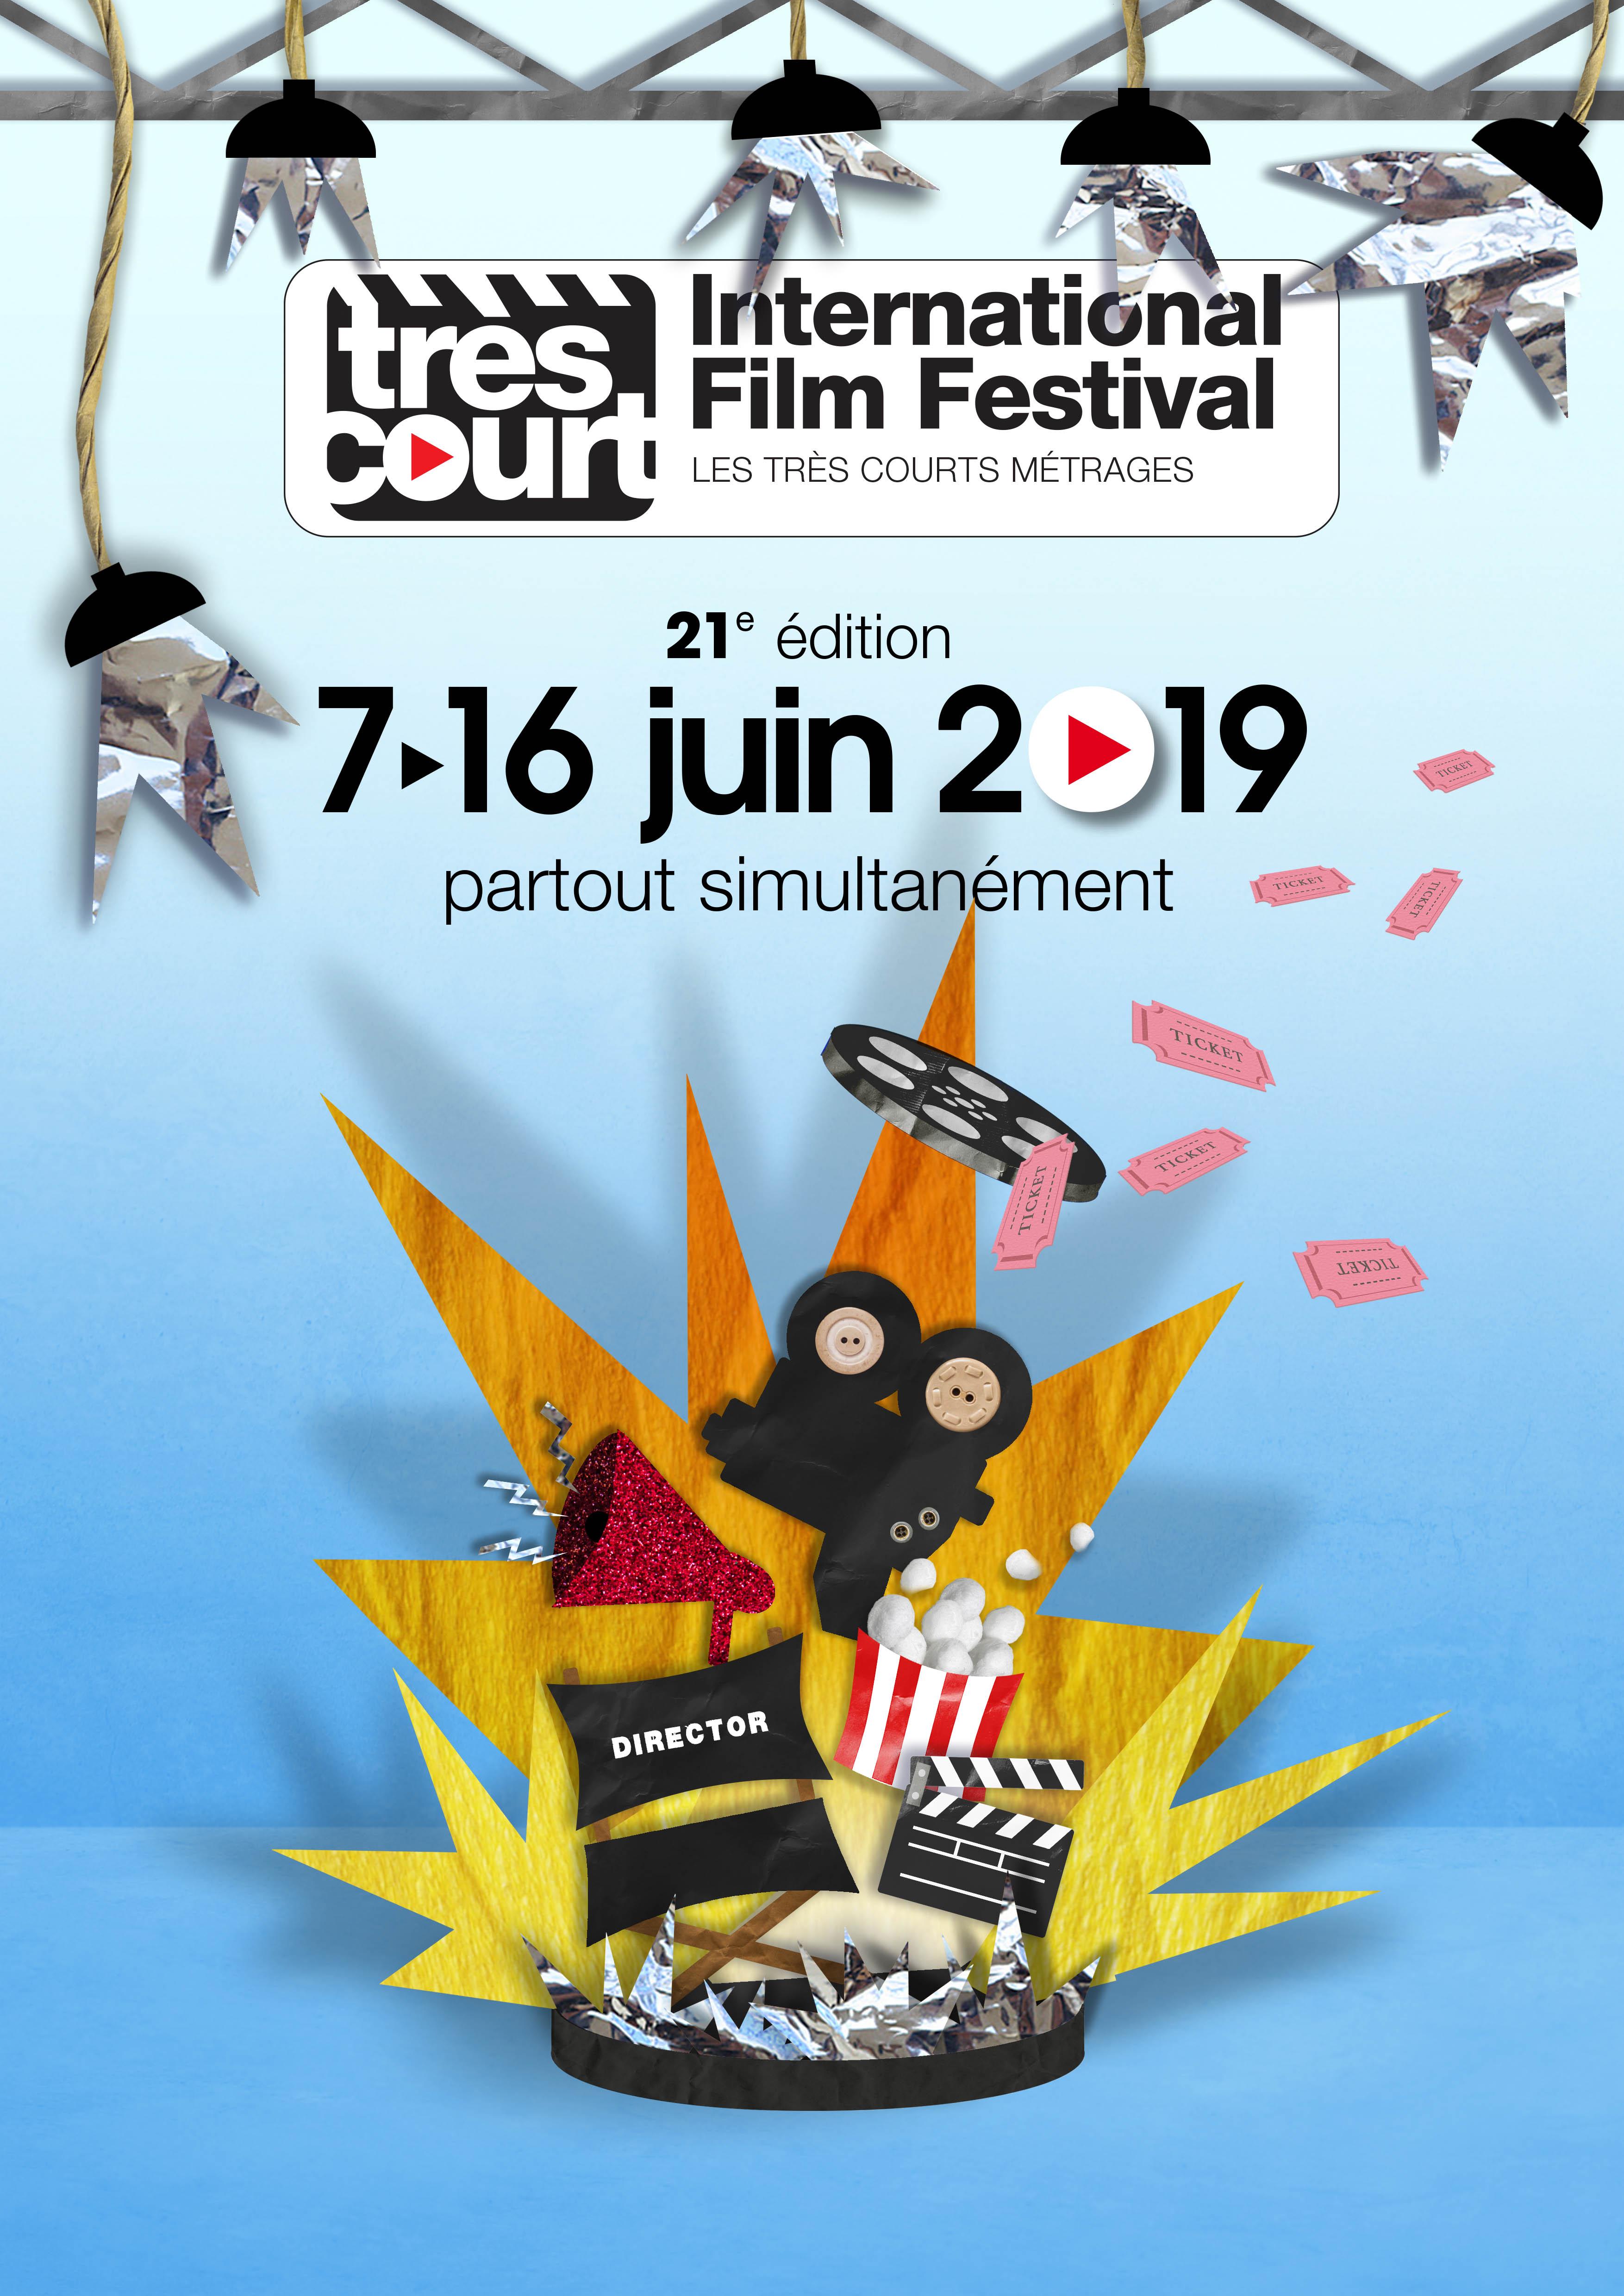 <strong>Très Court International Film Festival</strong> — 21e édition au Forum des Images les 15 & 16 juin 2019